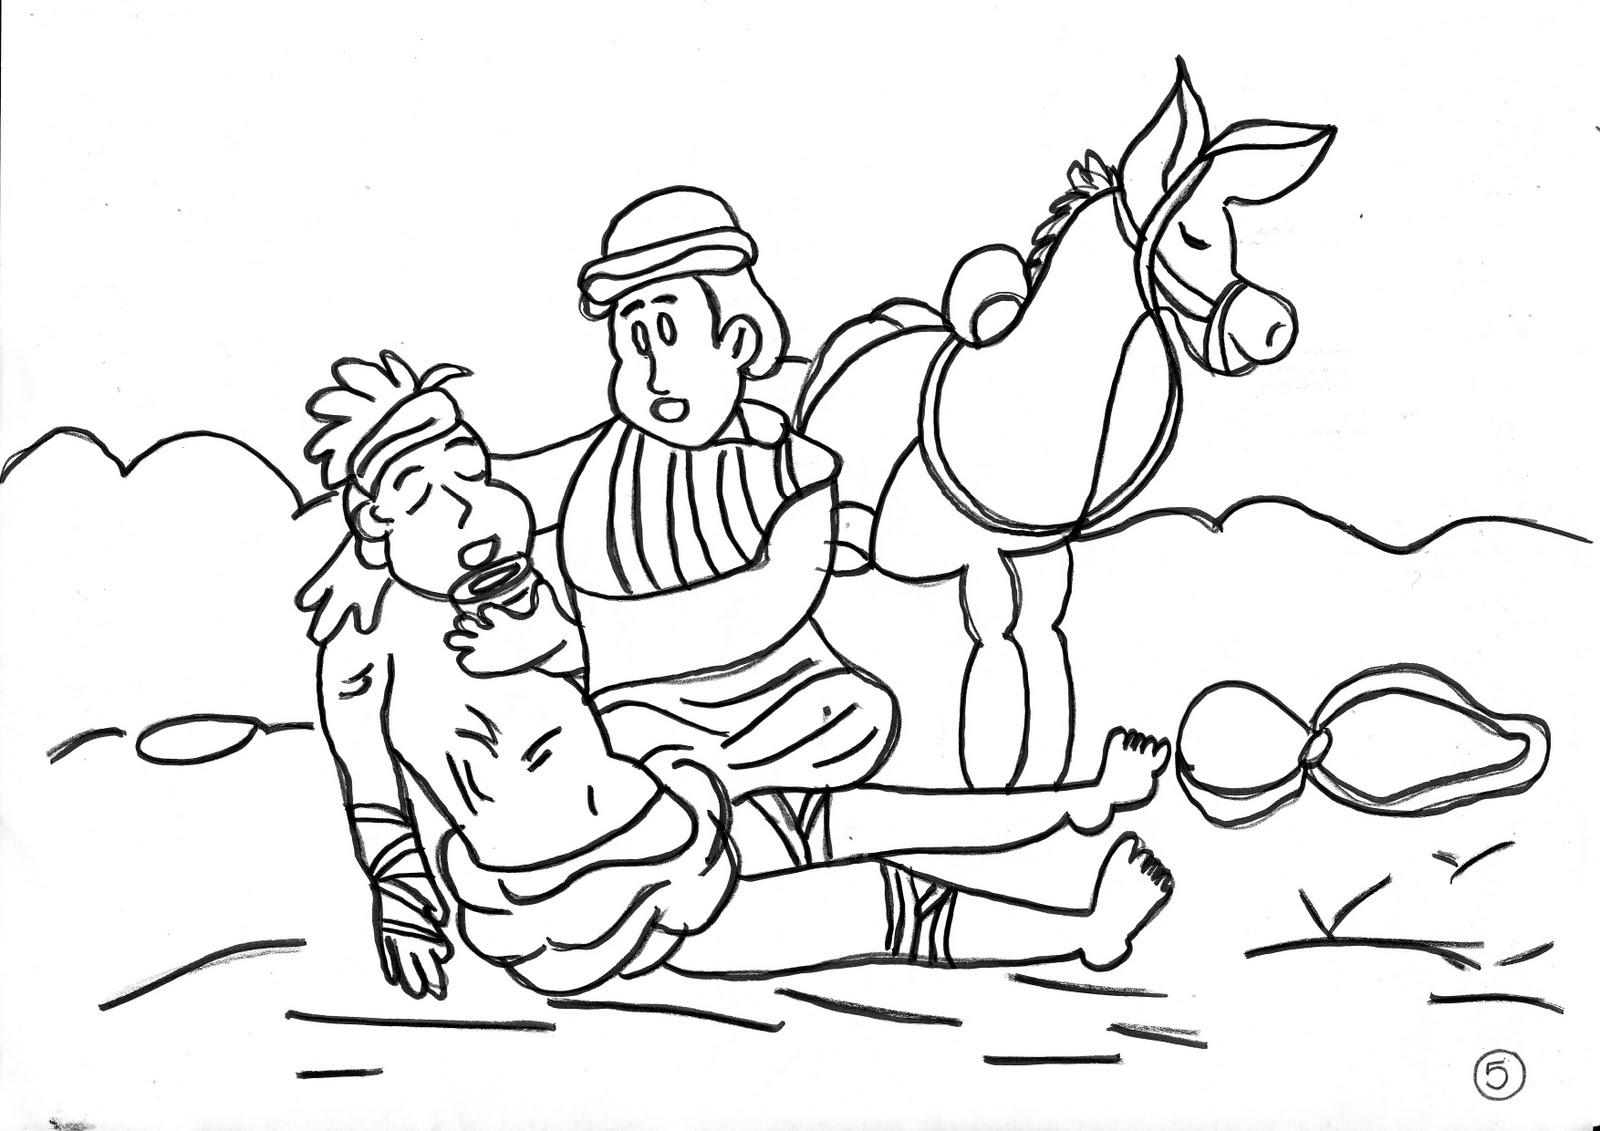 adalia helena subsidio lição 2 uma história sobre a bondade